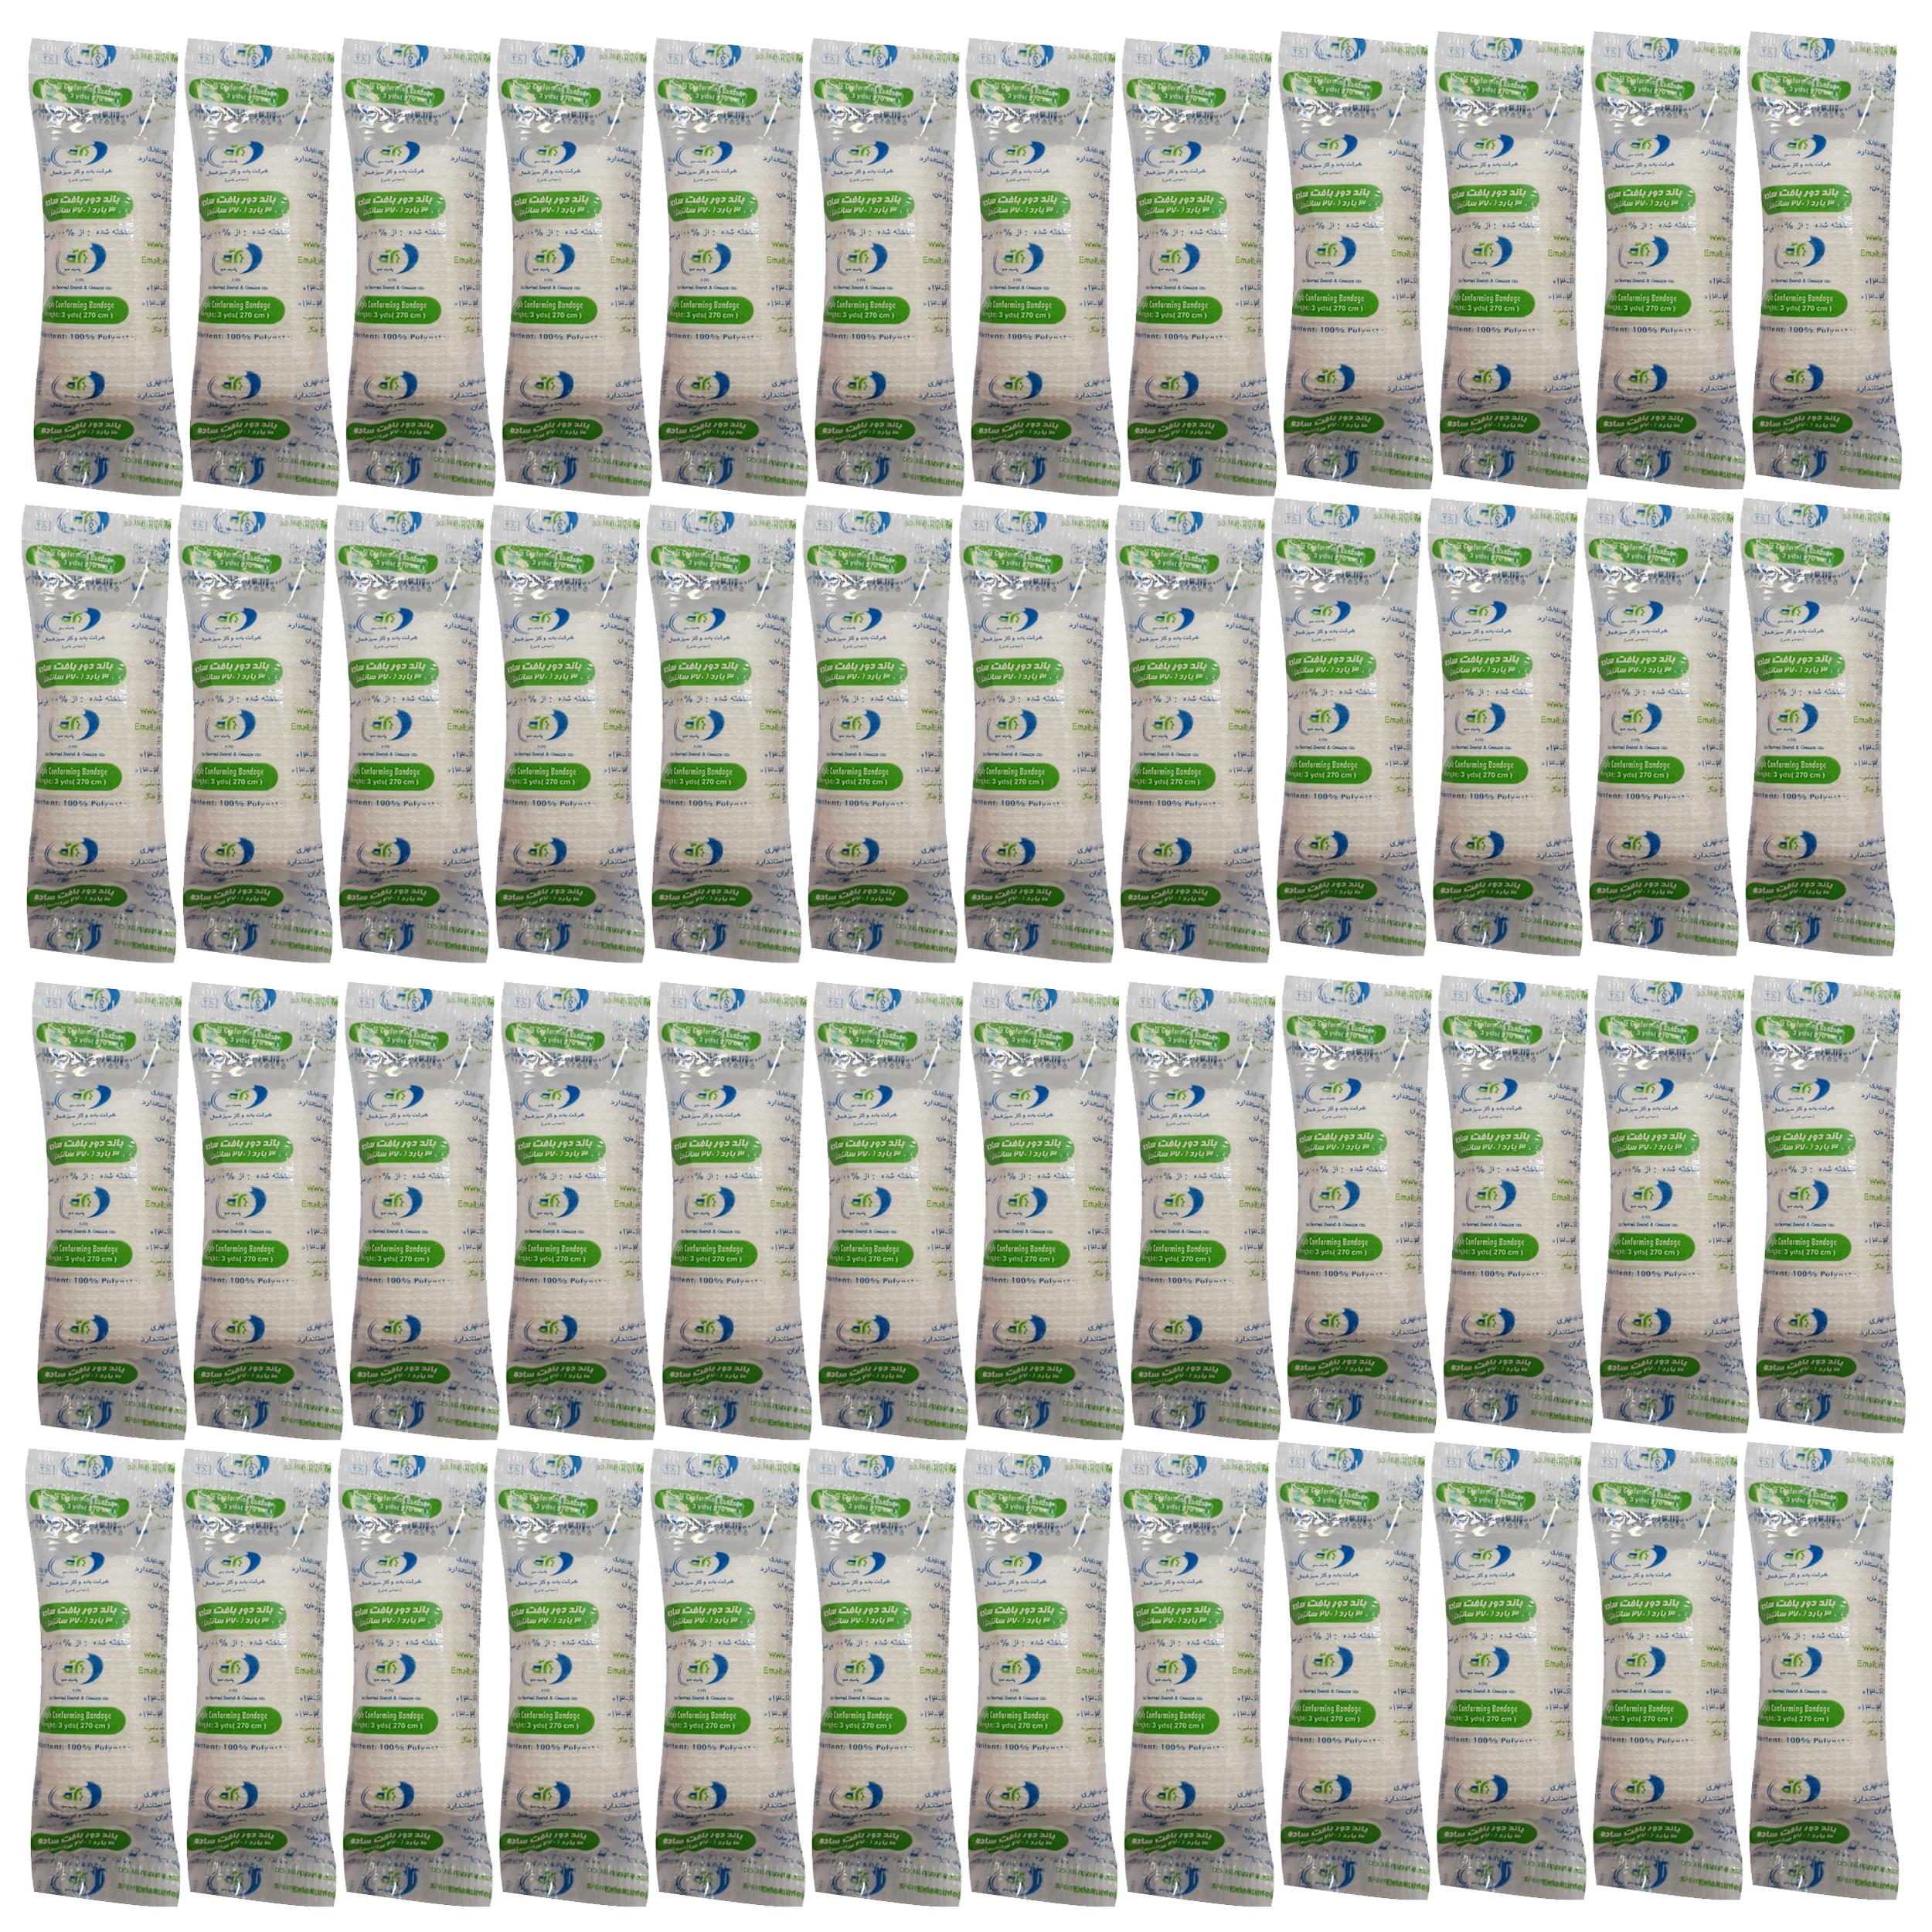 باند پانسمان سبز شمال کد C27075 مجموعه 48 عددی